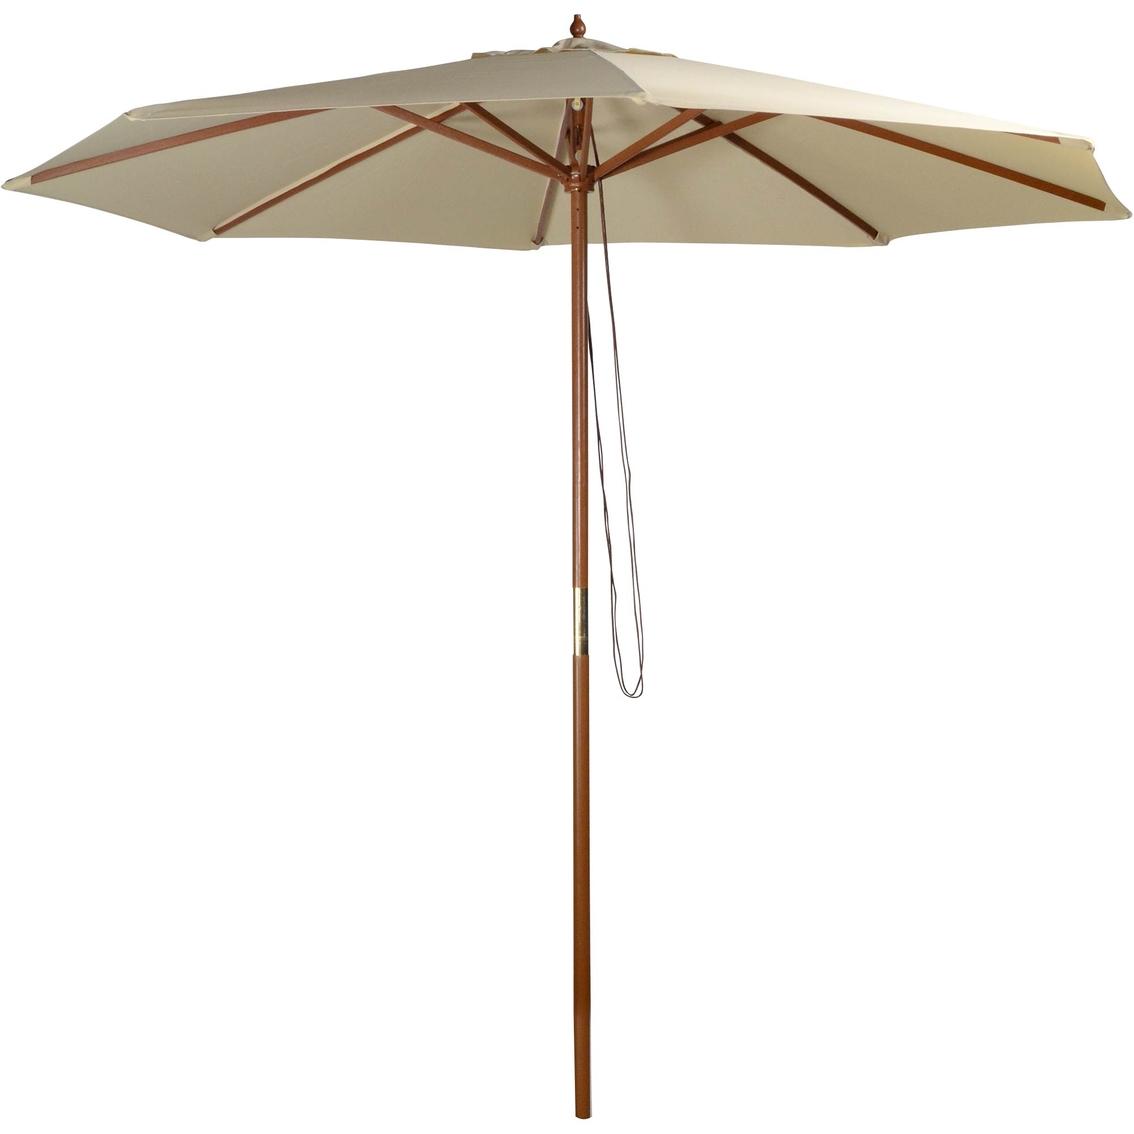 Natural Market Umbrella